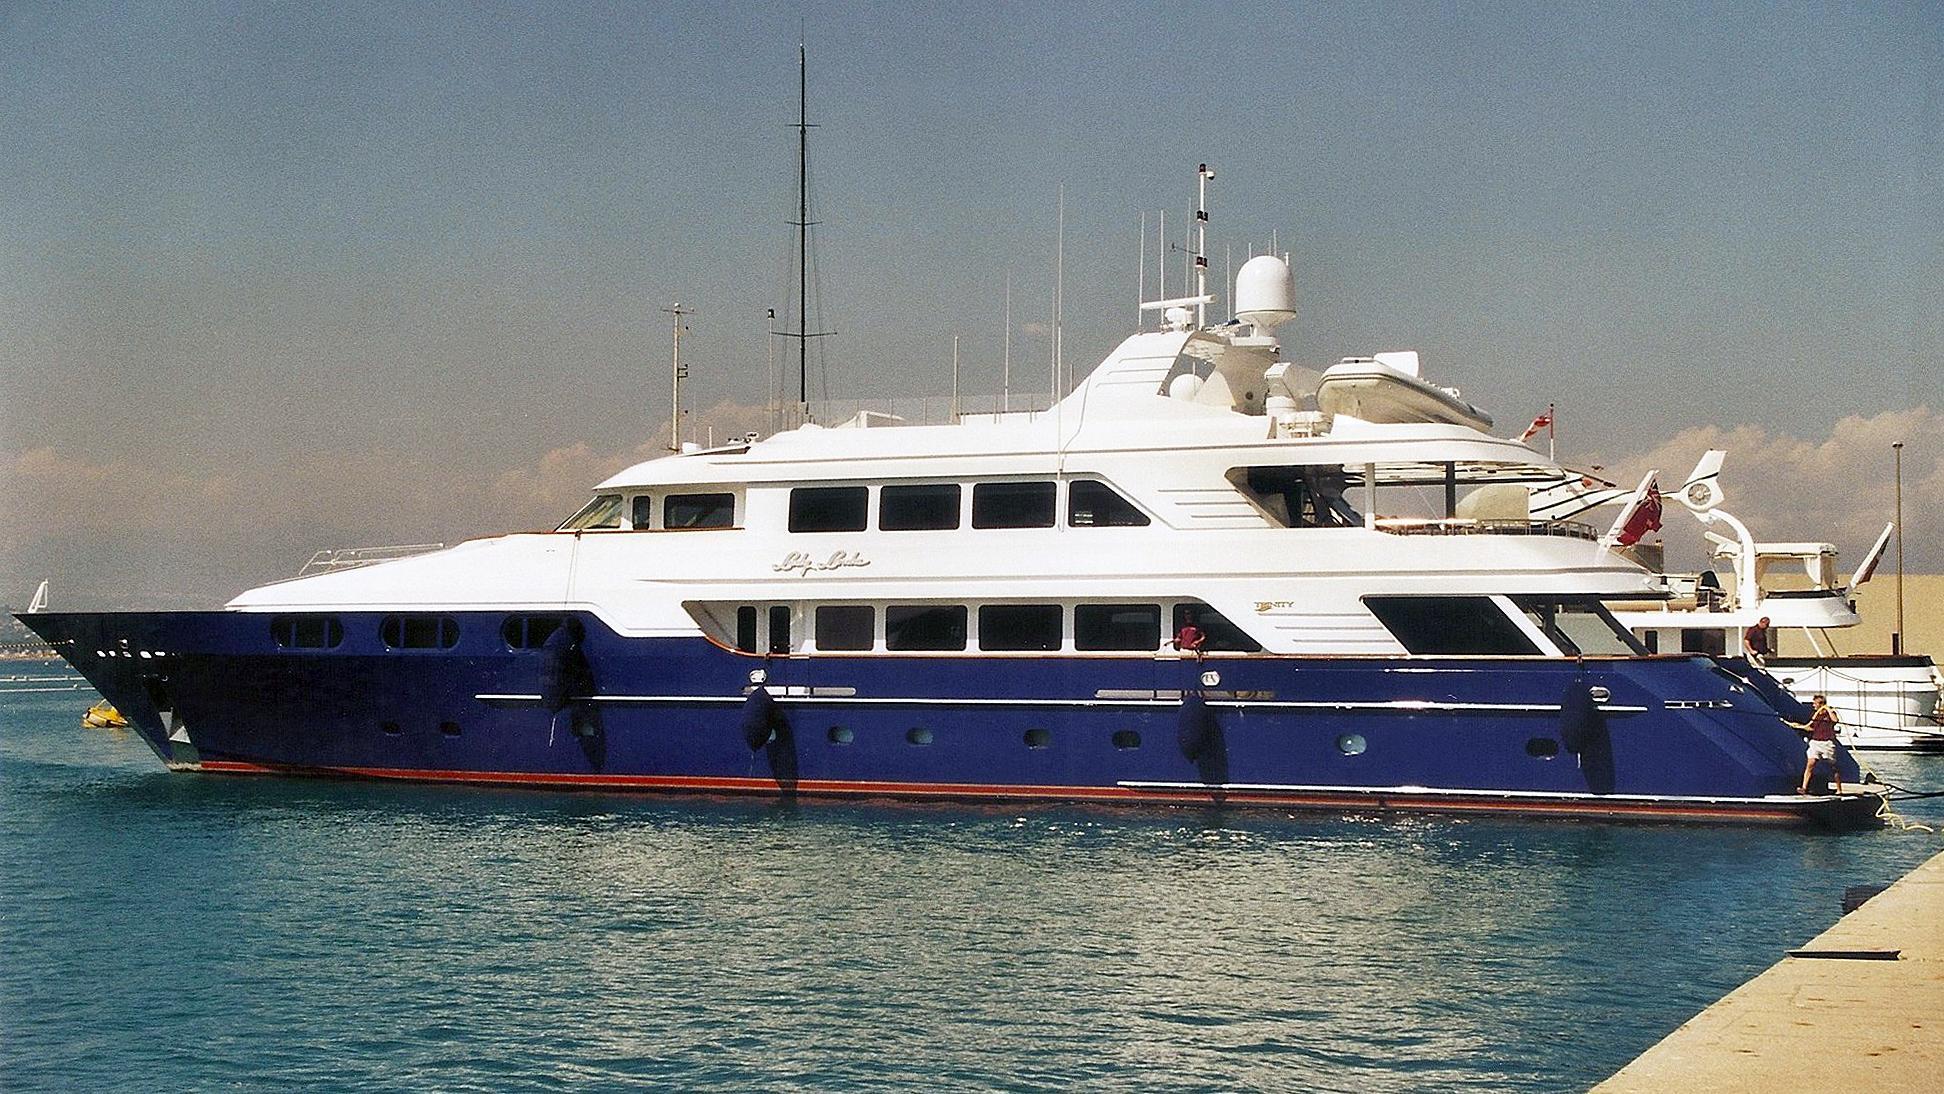 utopia-iii-motor-yacht-trinity-150-1999-26m-profile